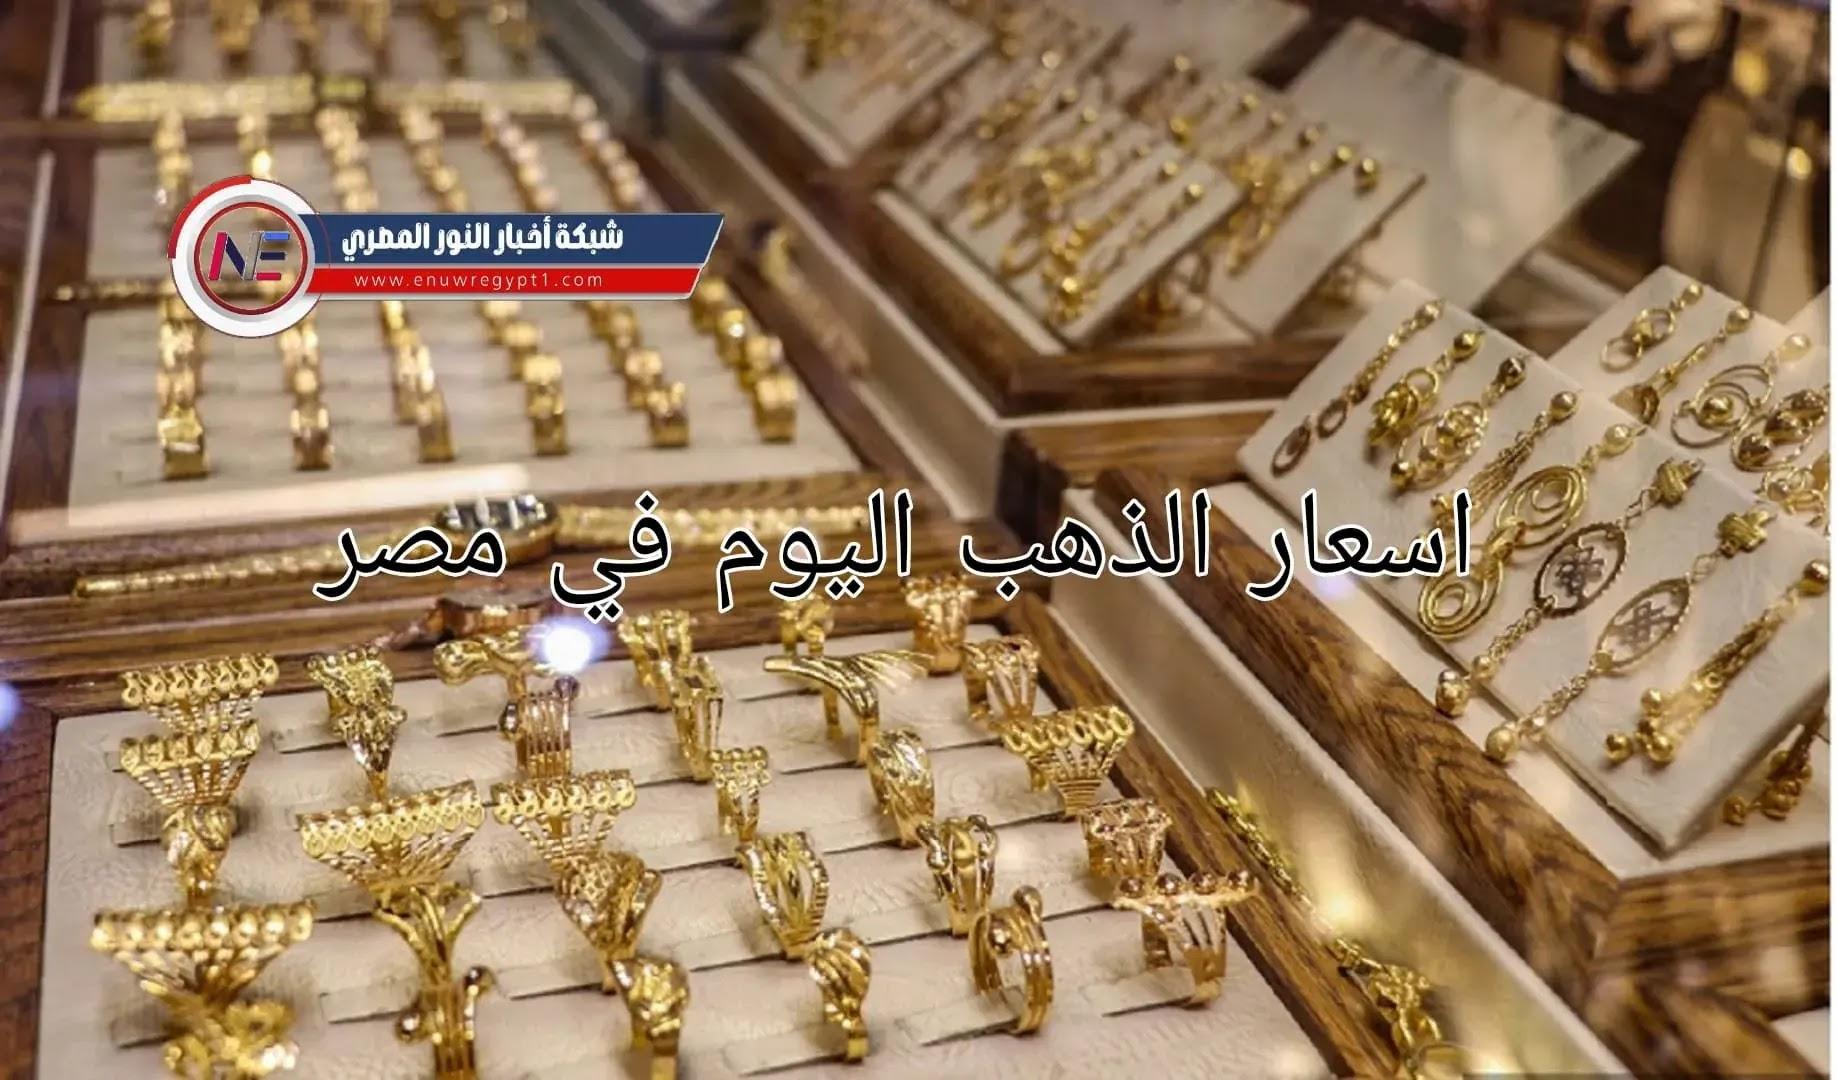 السعر اليومي .. اسعار الذهب في مصر اليوم السبت 21 اغسطس 2021 في محلات الصاغة و السوق المصري - سعر المعدن الأصفر